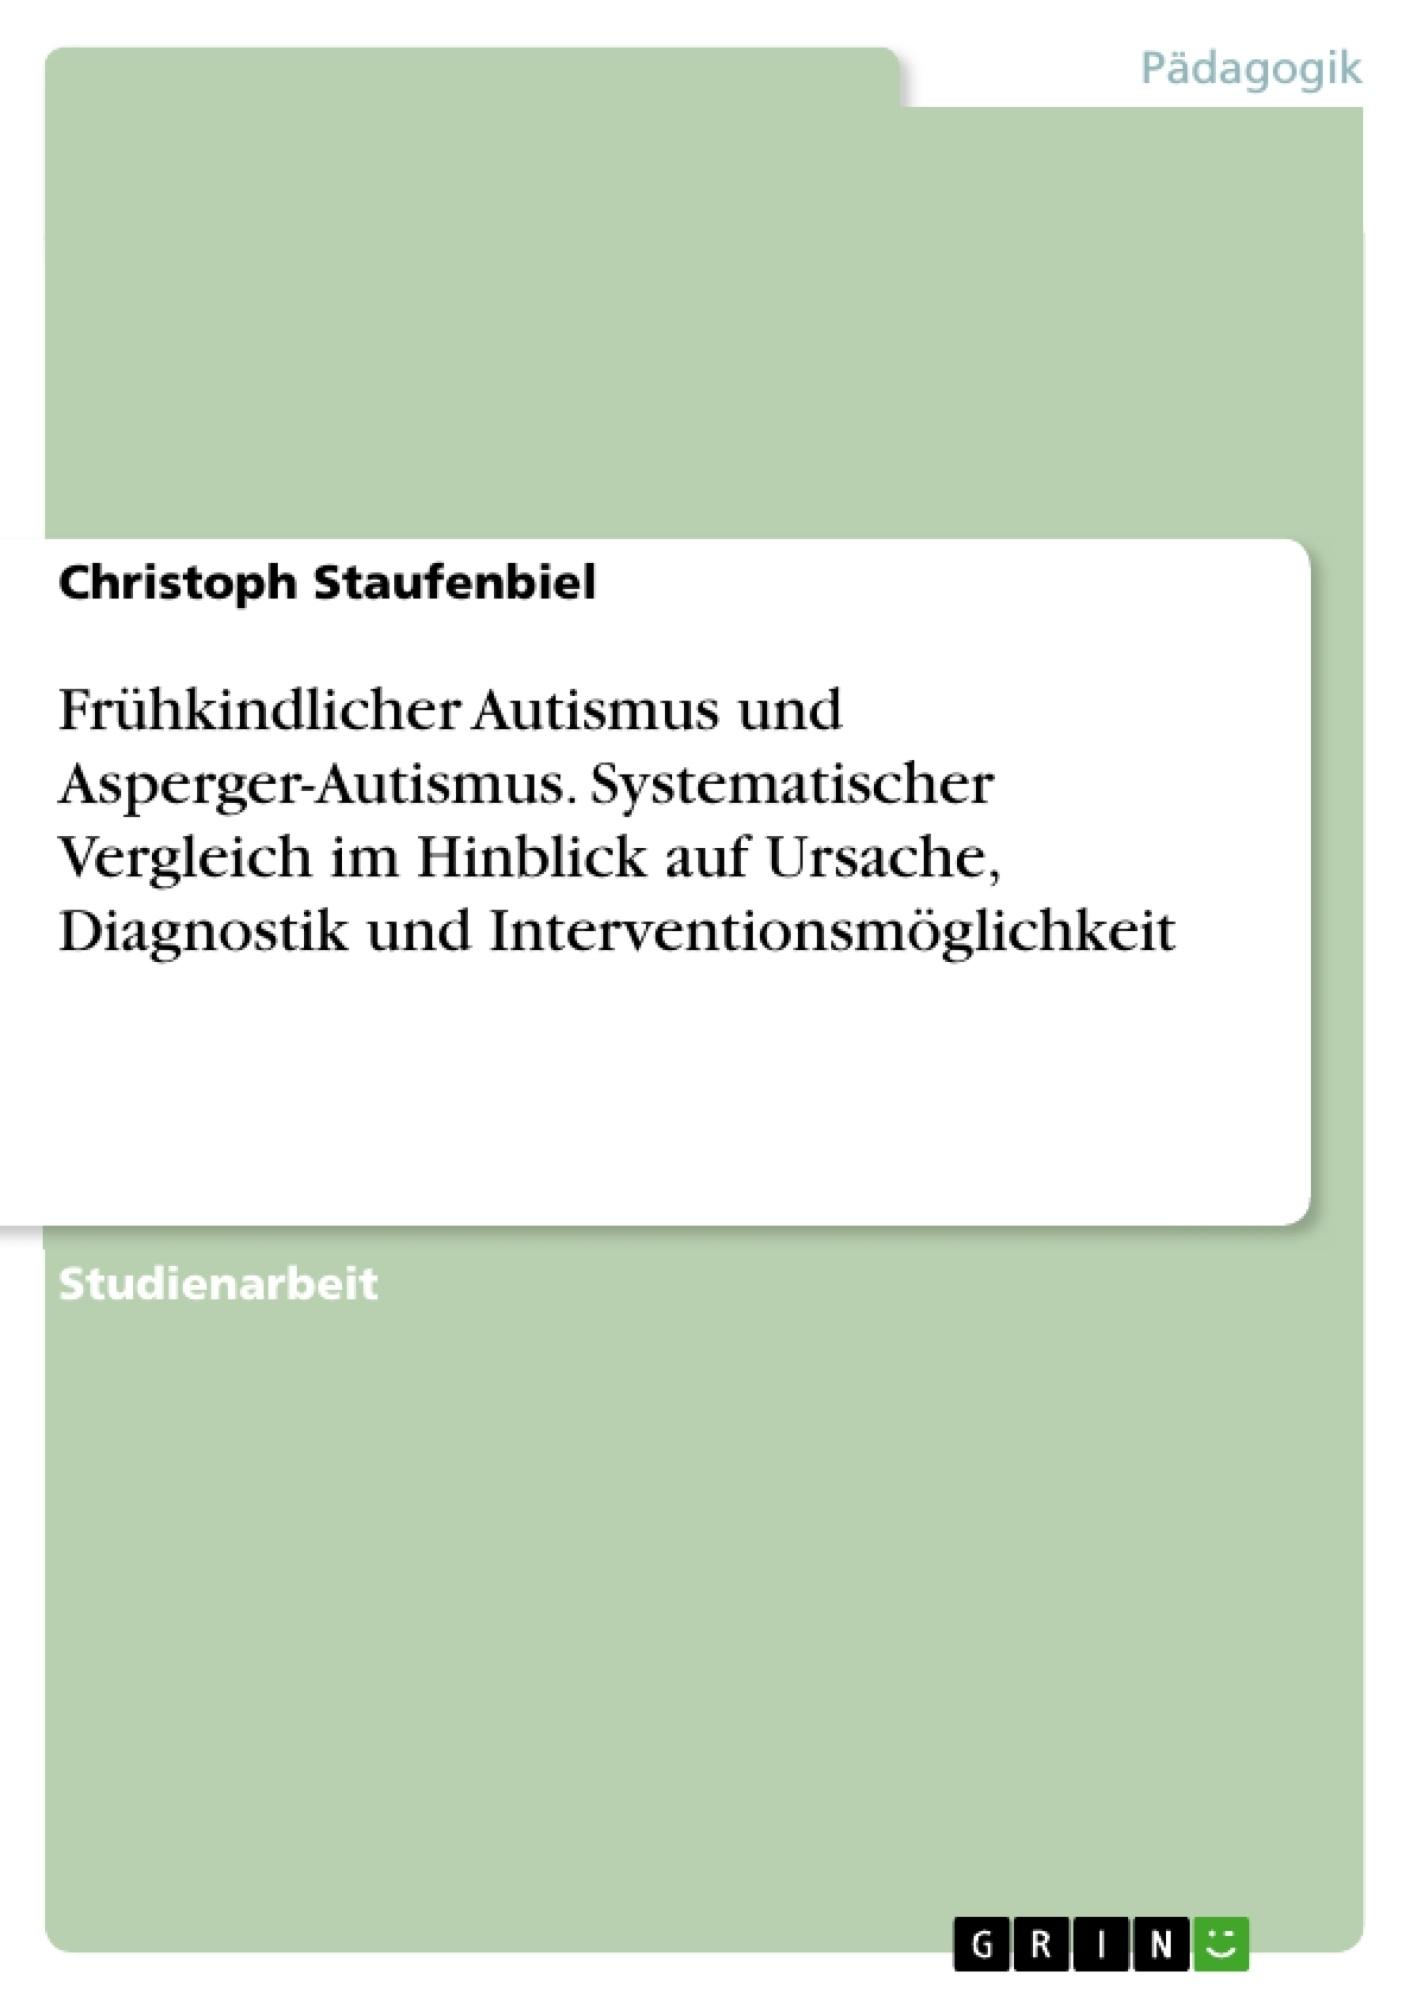 Titel: Frühkindlicher Autismus und Asperger-Autismus. Systematischer Vergleich im Hinblick auf Ursache, Diagnostik und Interventionsmöglichkeit